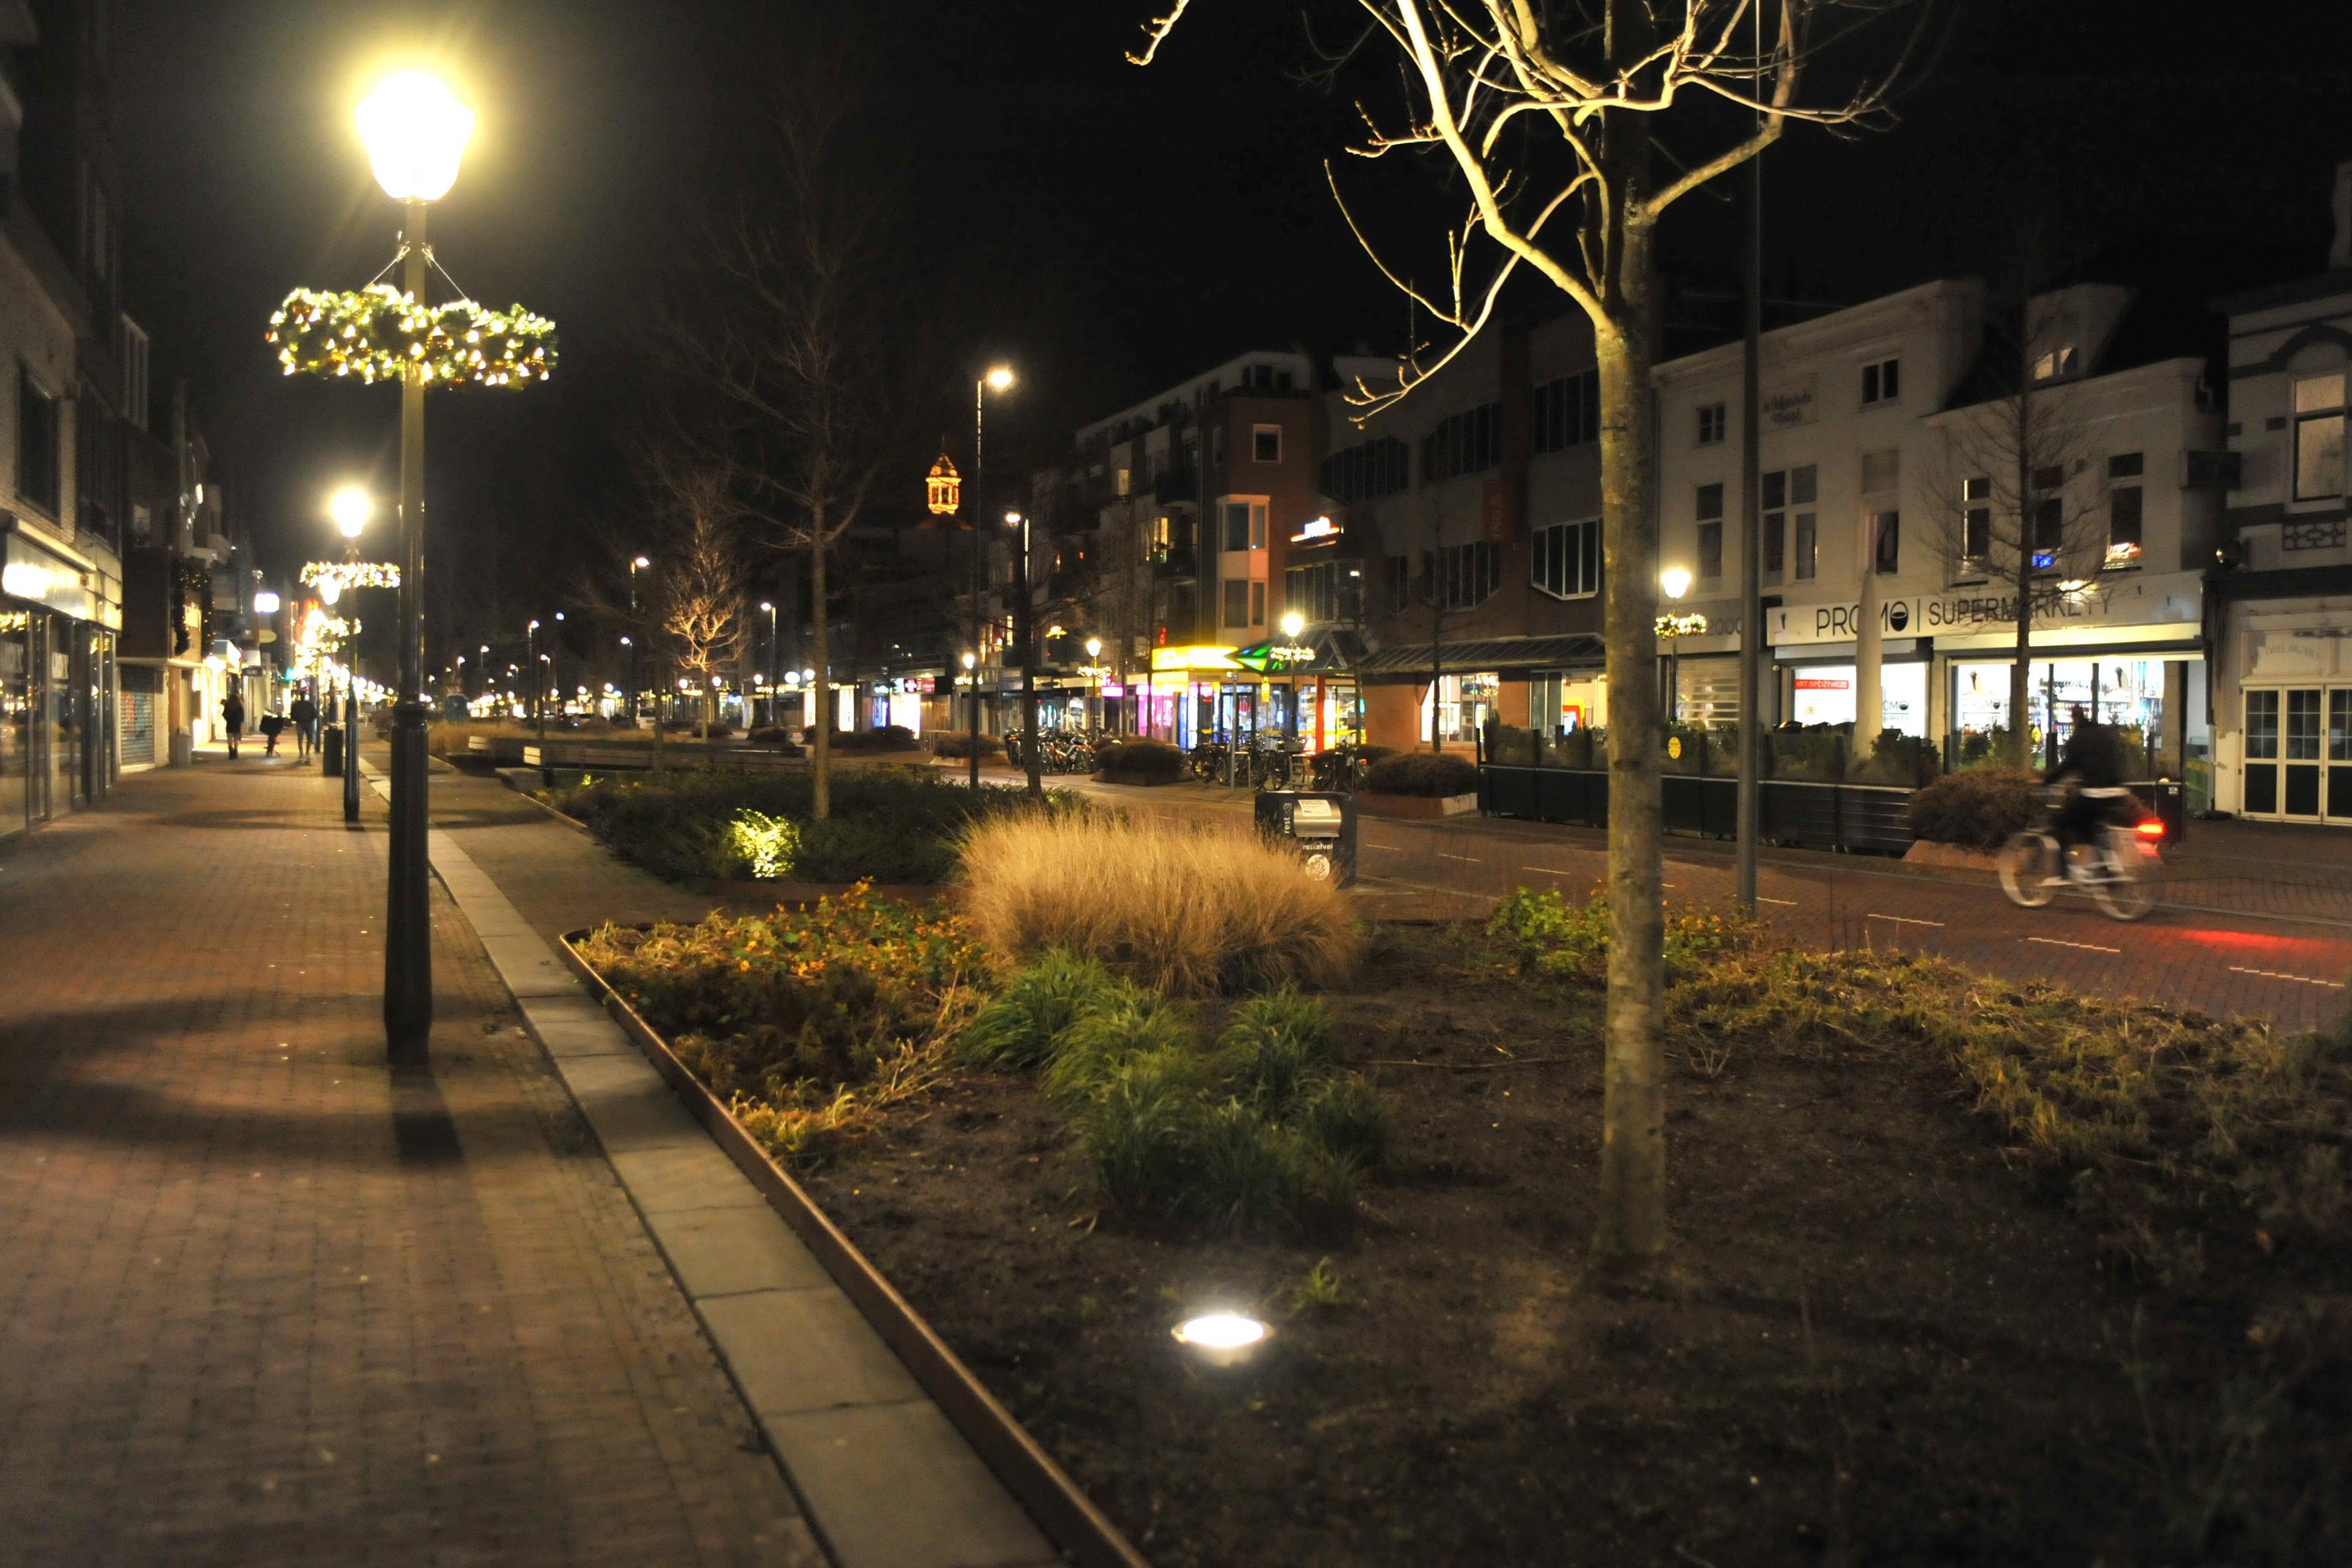 De avondklok omzeilen met een sprintje in een zijstraat; zo zag de avondklok in Beverwijk eruit